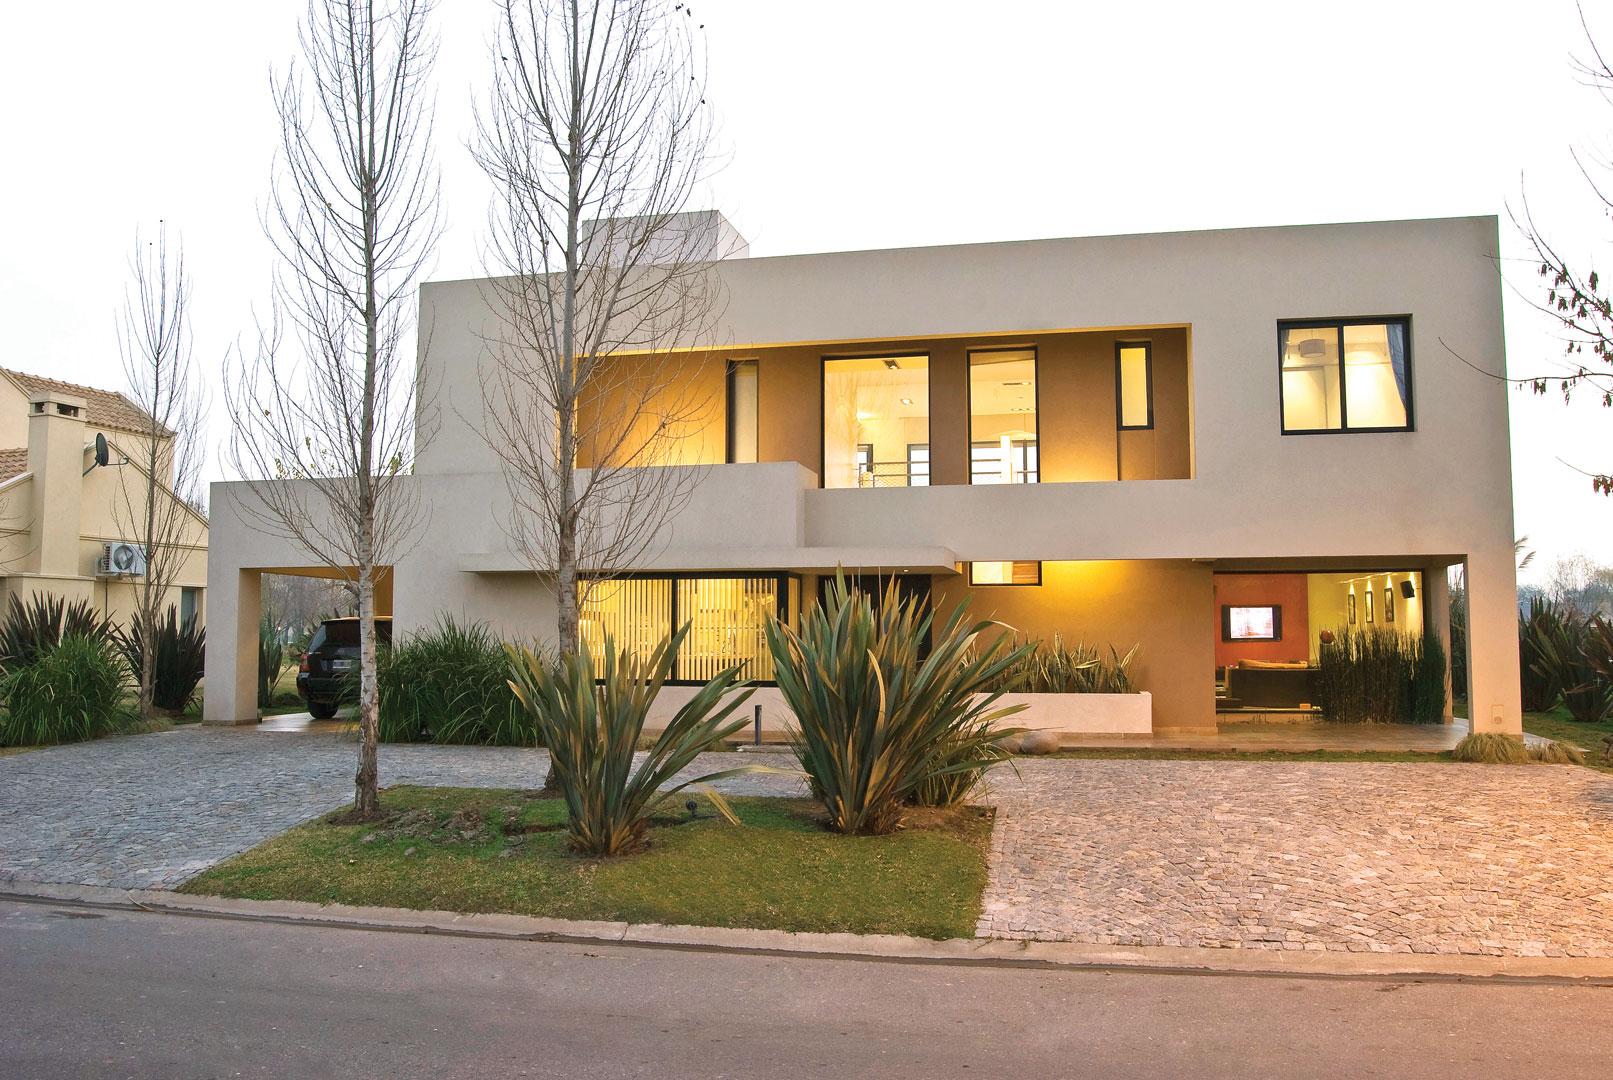 Pavloff regalini asociados arquitectos estudio de - Estudios de arquitectura bilbao ...